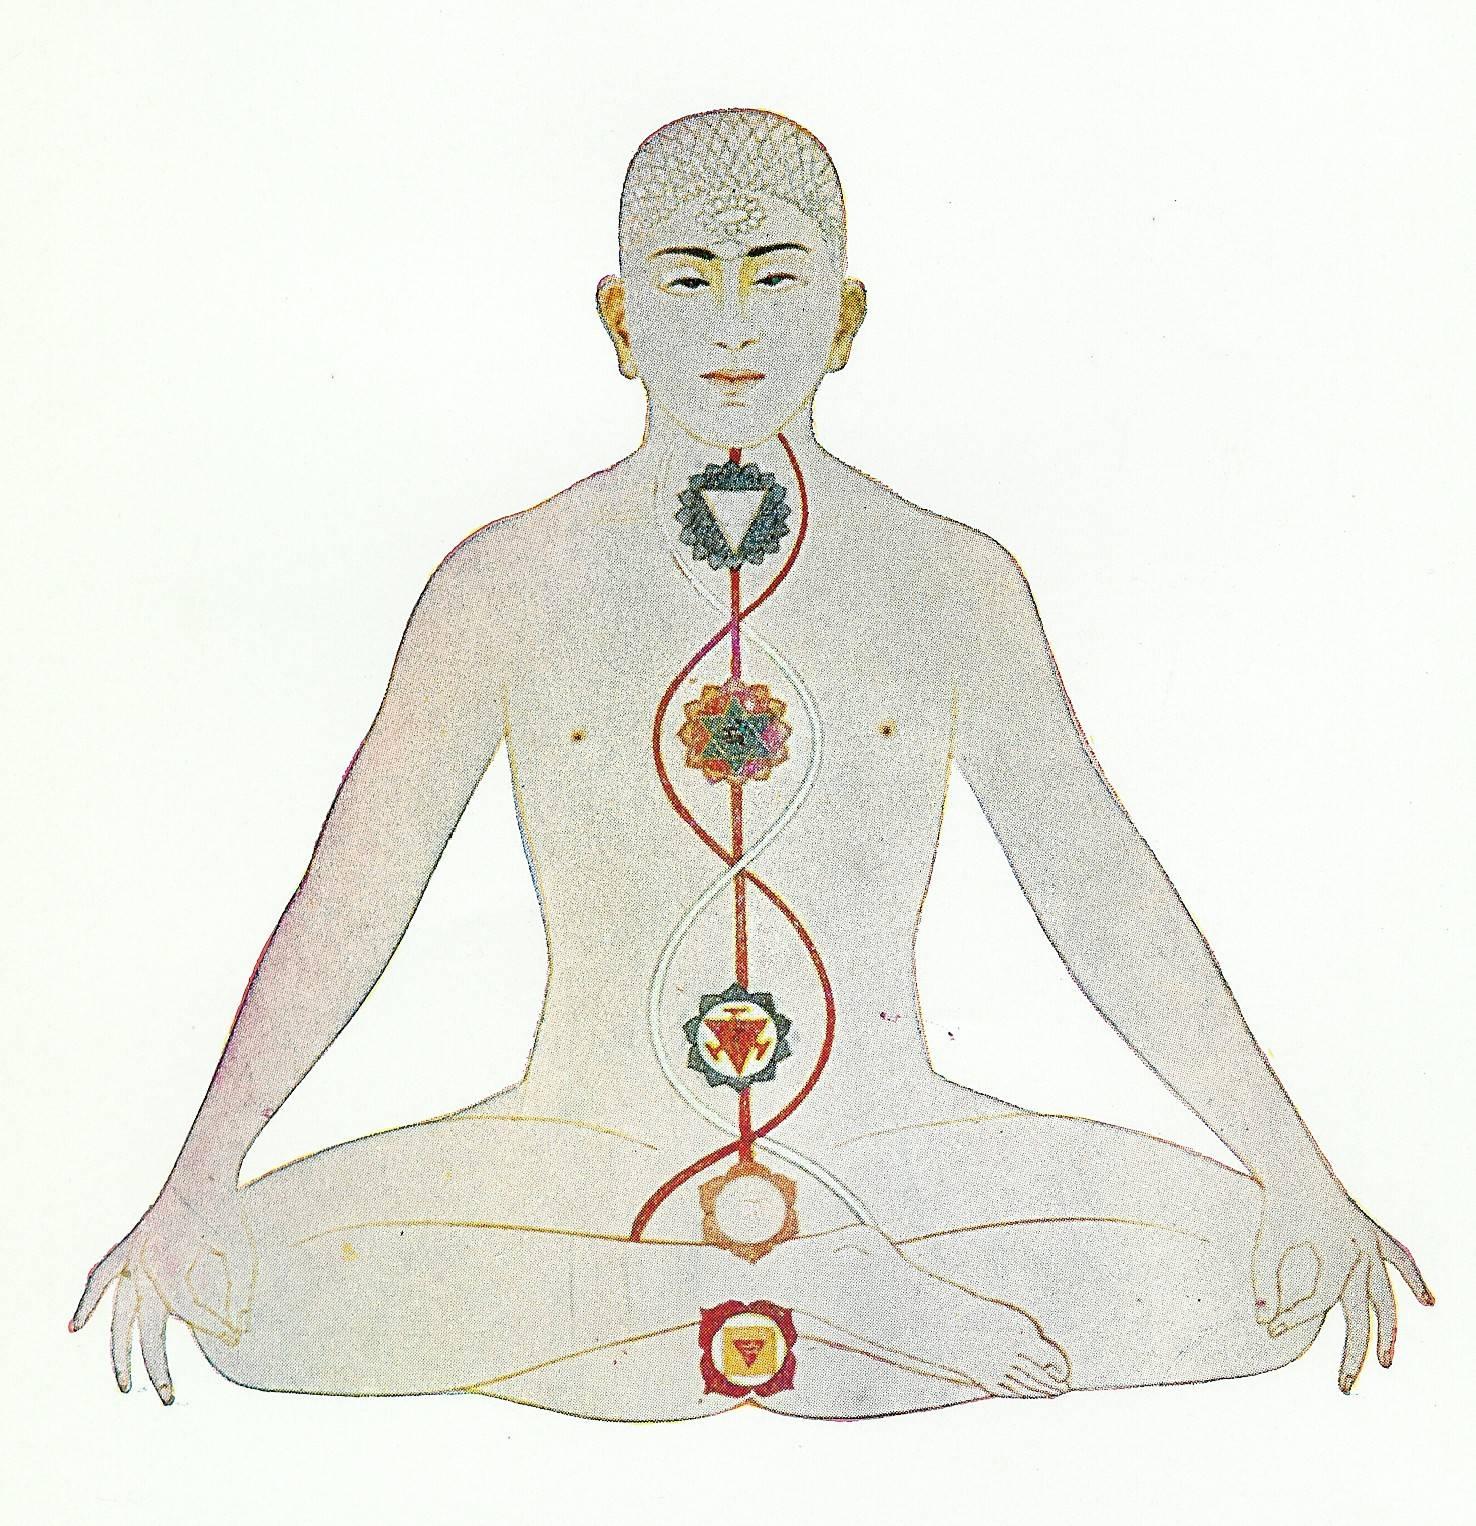 Чакра муладхара - за что отвечает у женщин первая чакра муладхара, ее активация и где находится